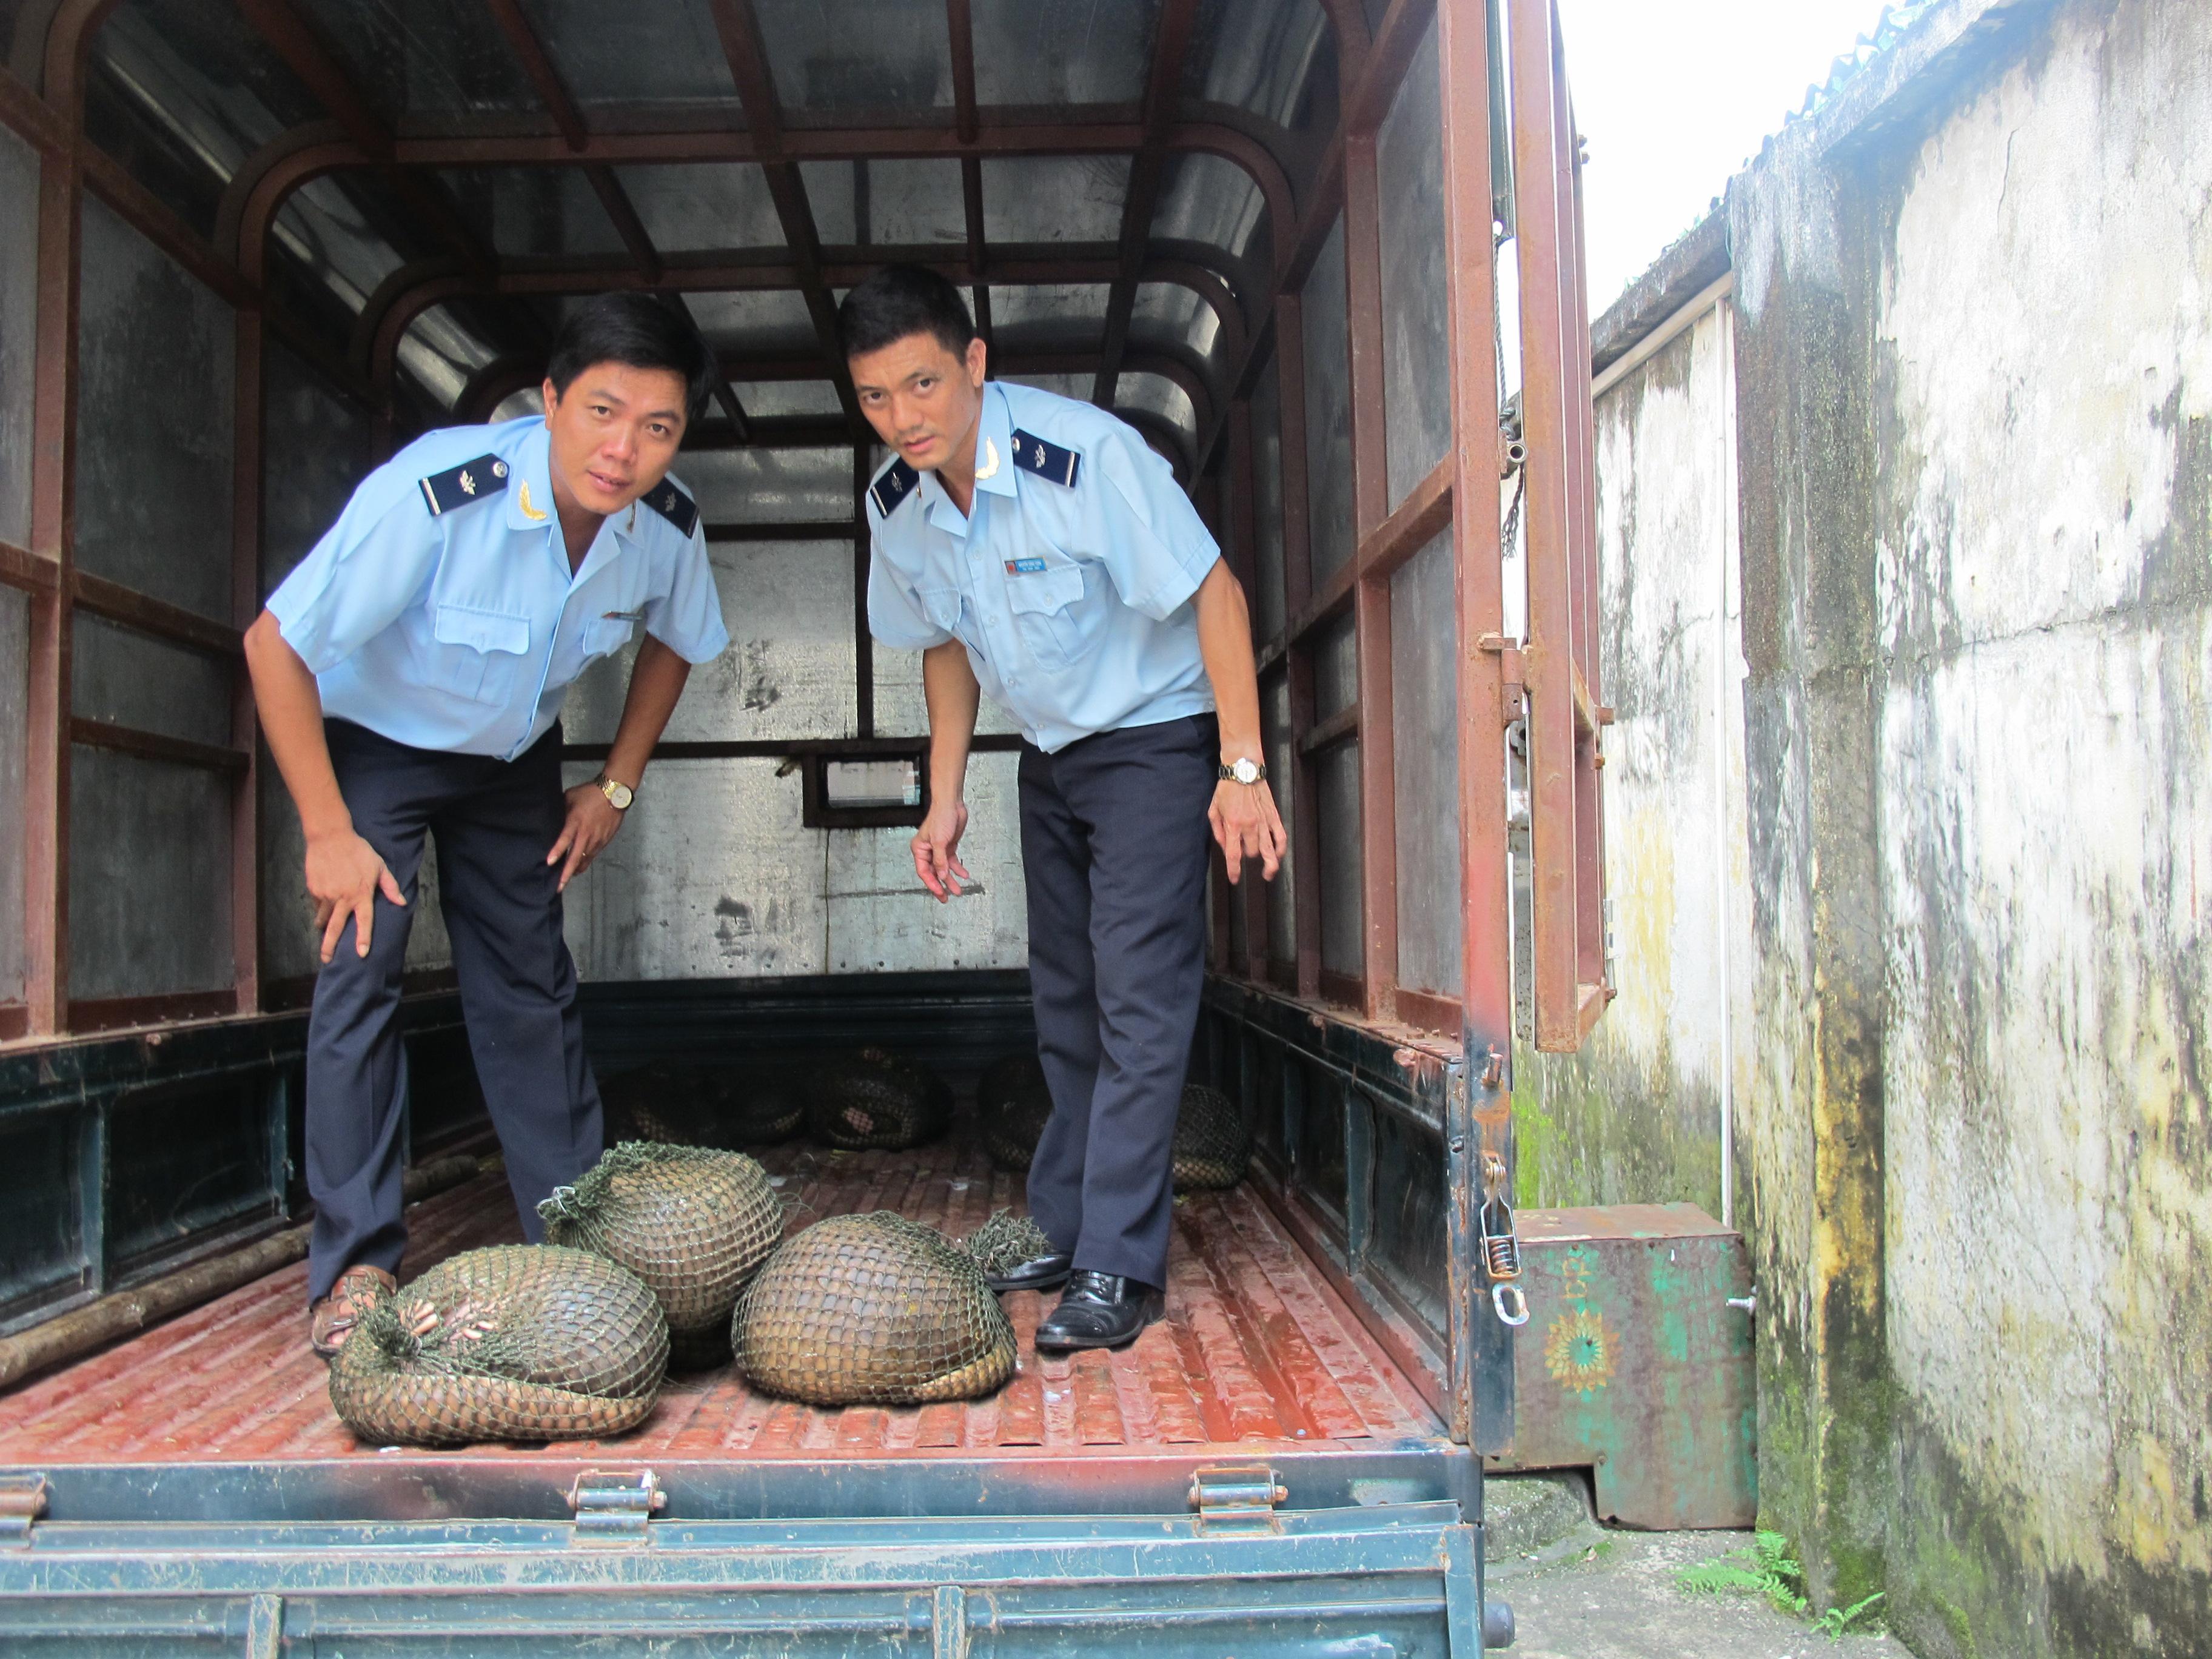 Quảng Ninh: Liên tiếp bắt các vụ buôn lậu hang hóa, vận chuyển gia cầm 2